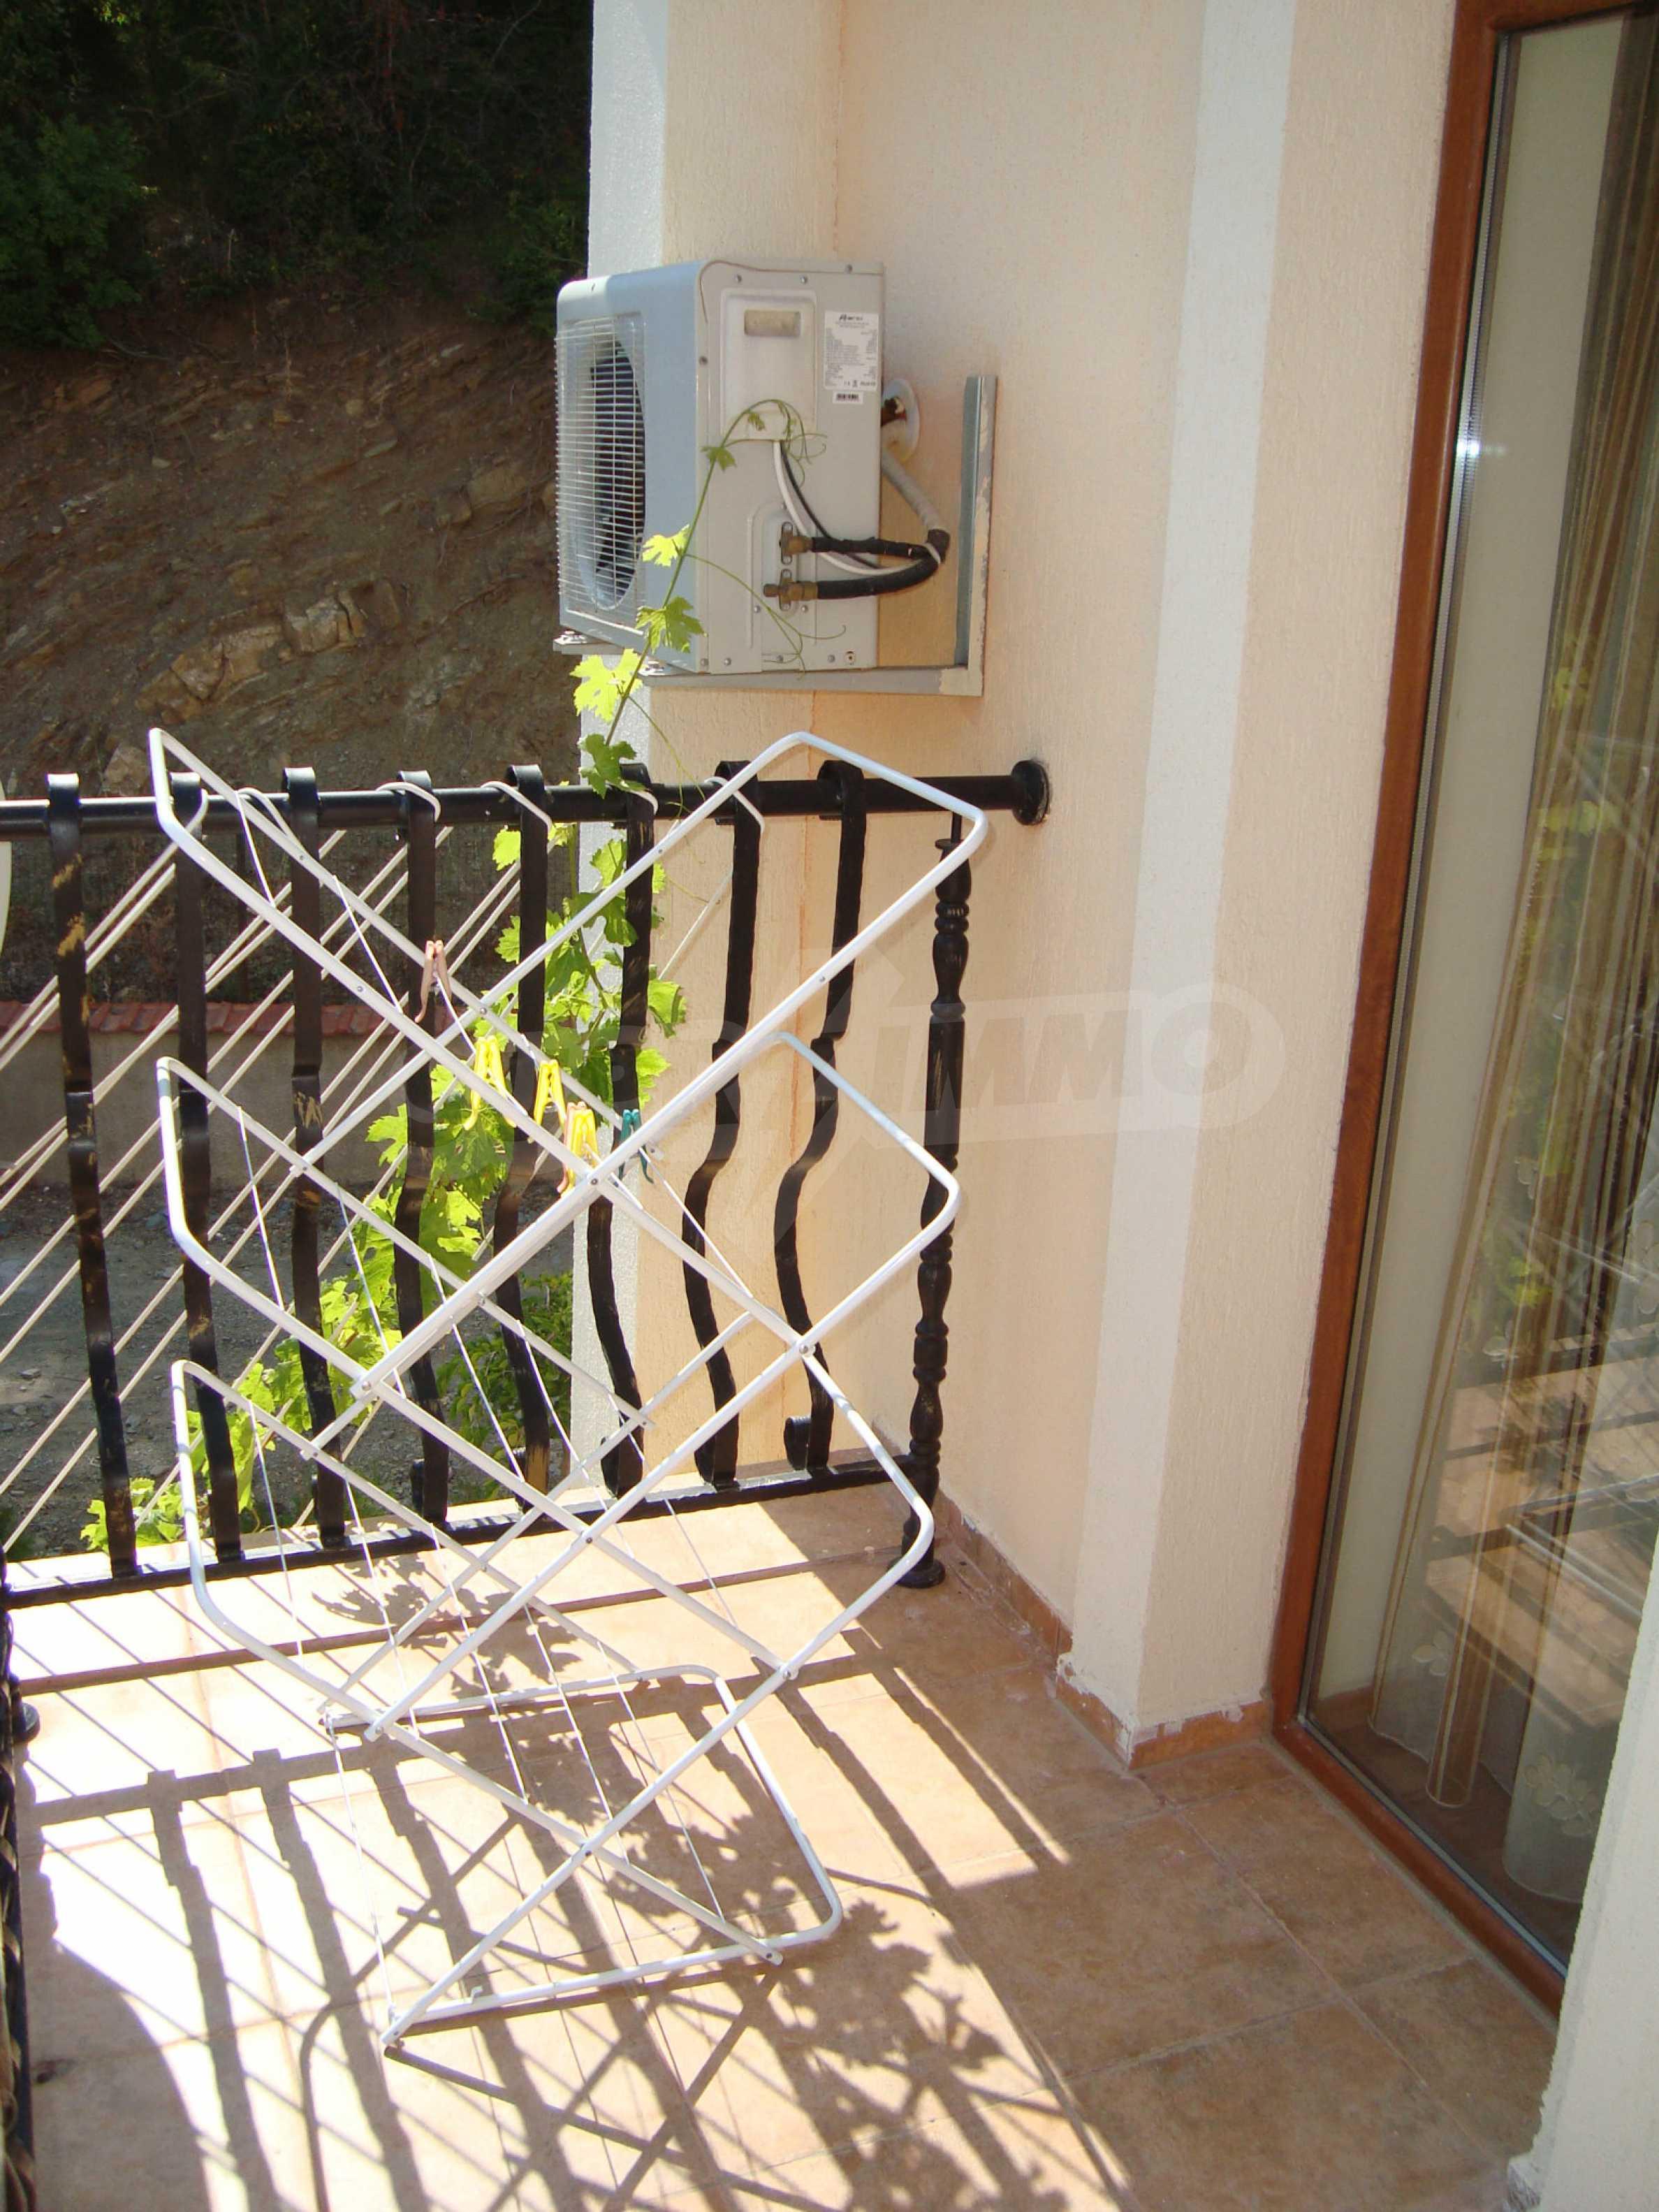 2-stöckige Villa zum Verkauf in Elenite Feriendorf, 34